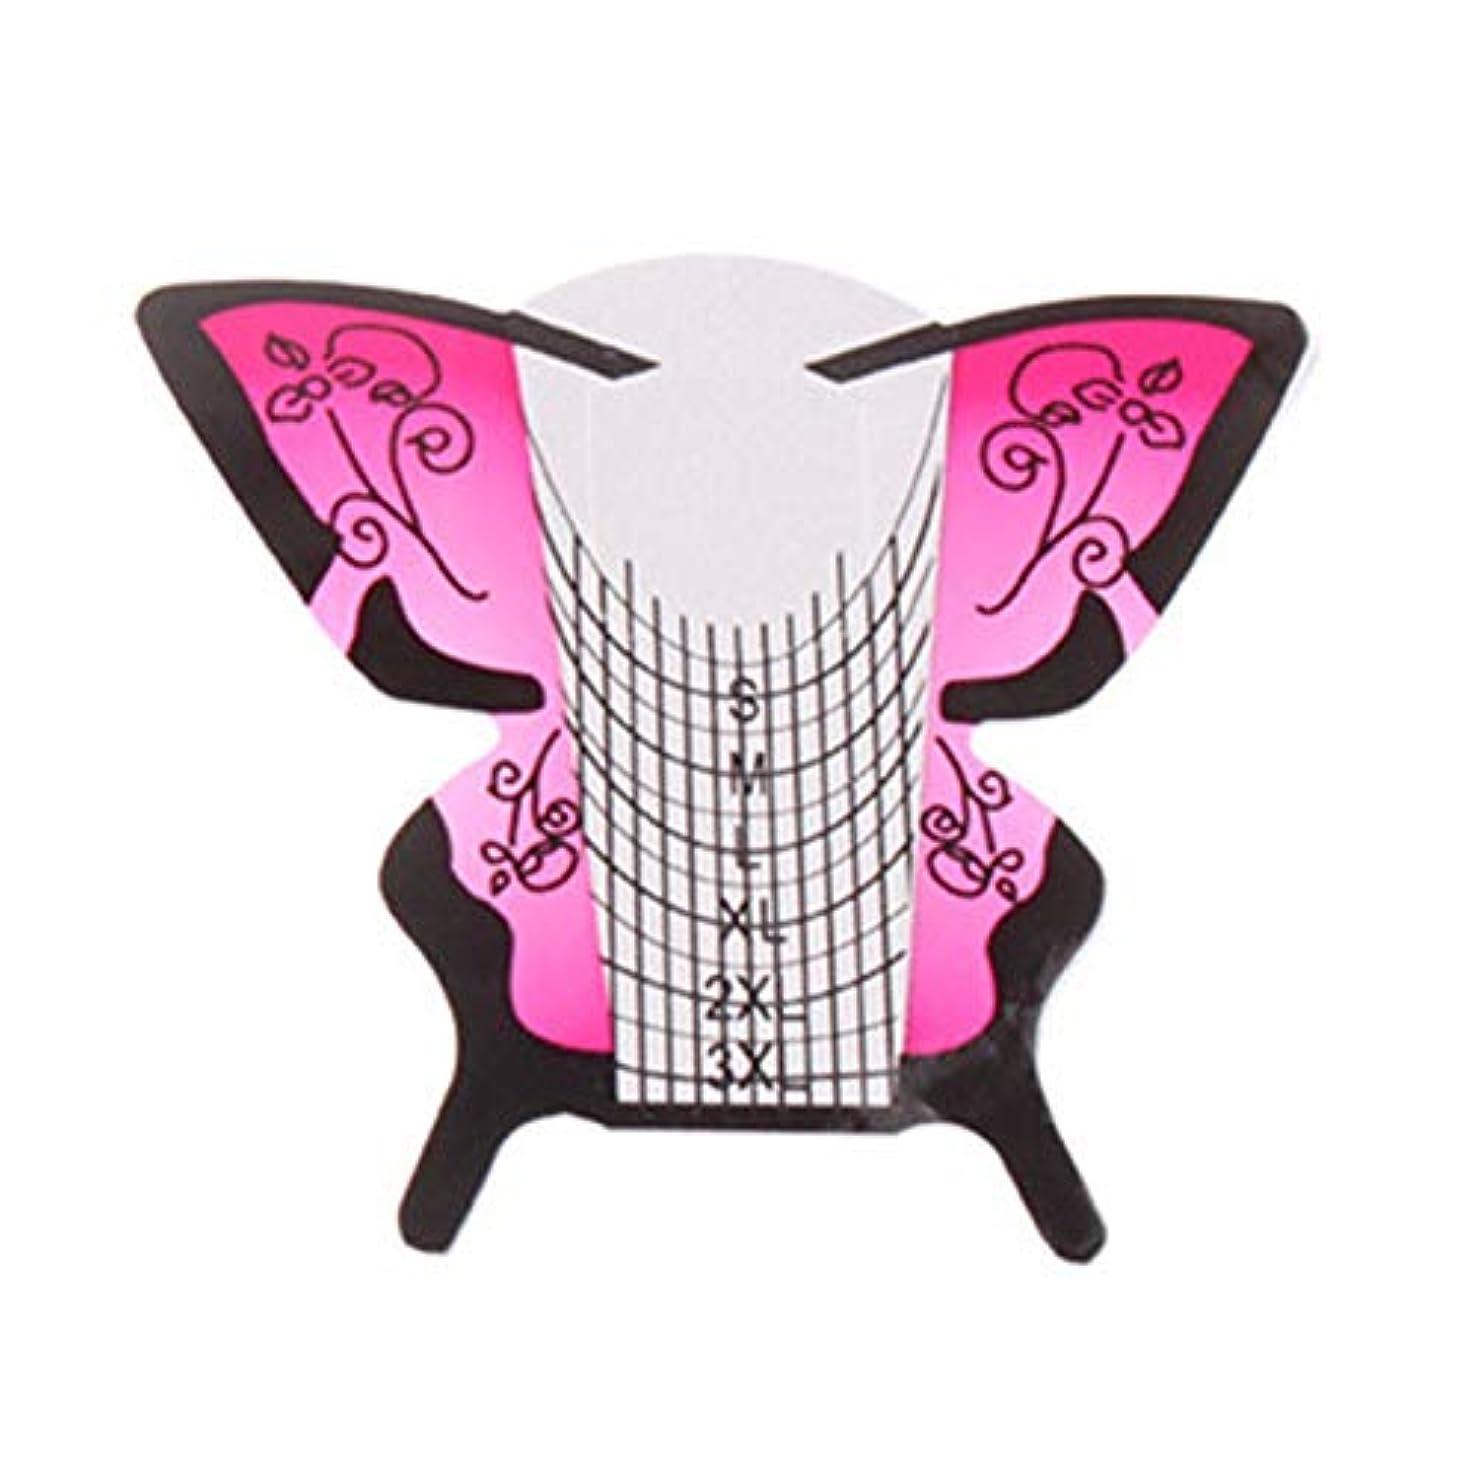 外交トーナメント次Nrpfell 300個/ロール ネイルアートフォーム蝶彫刻のヒントステッカーガイド拡張アクリルUVジェルツール 給紙トレイB